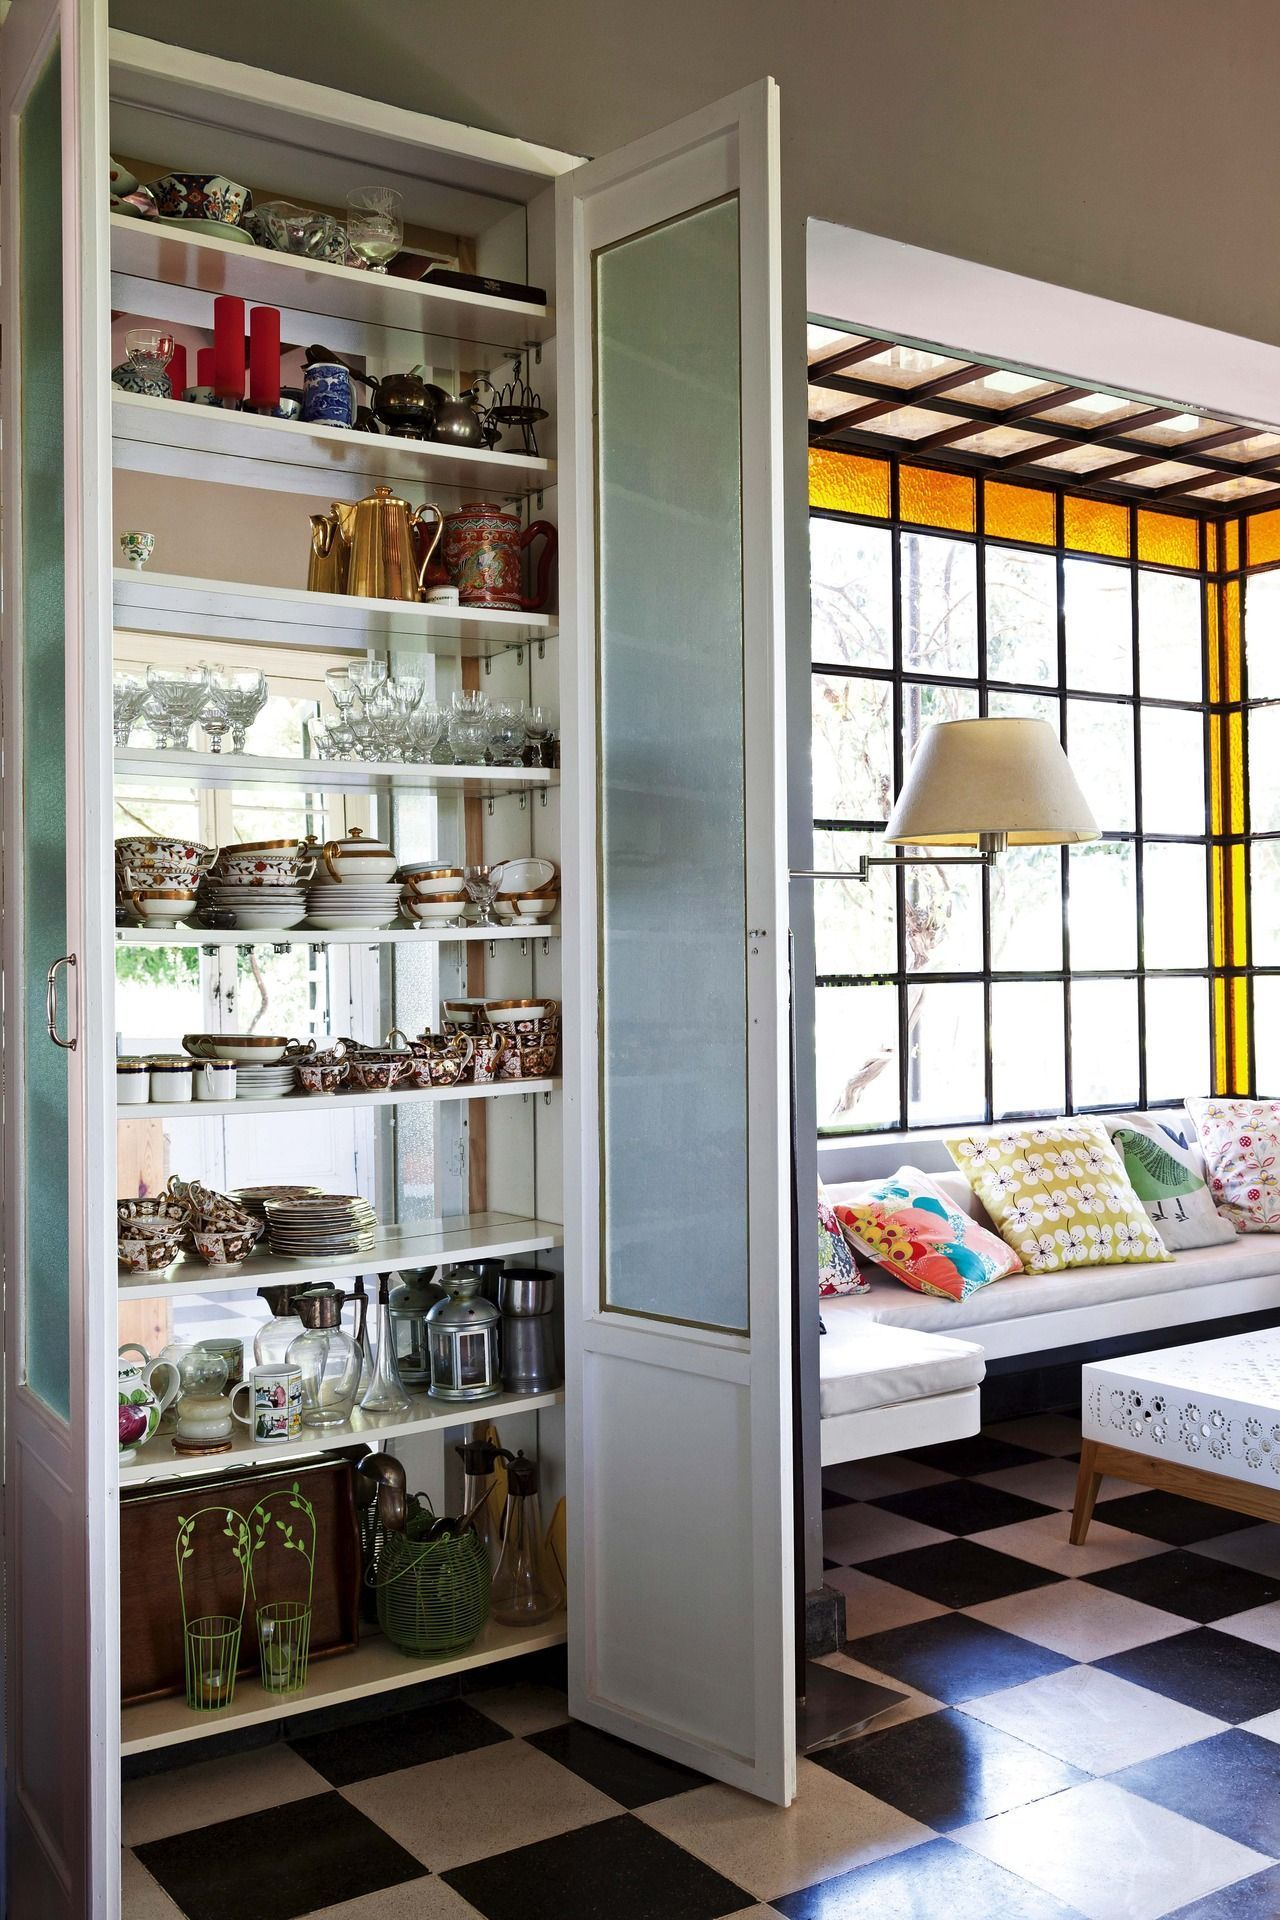 Cocina campestre y moderna con gran ventanal de vidrio repartido ... fd8416949f55